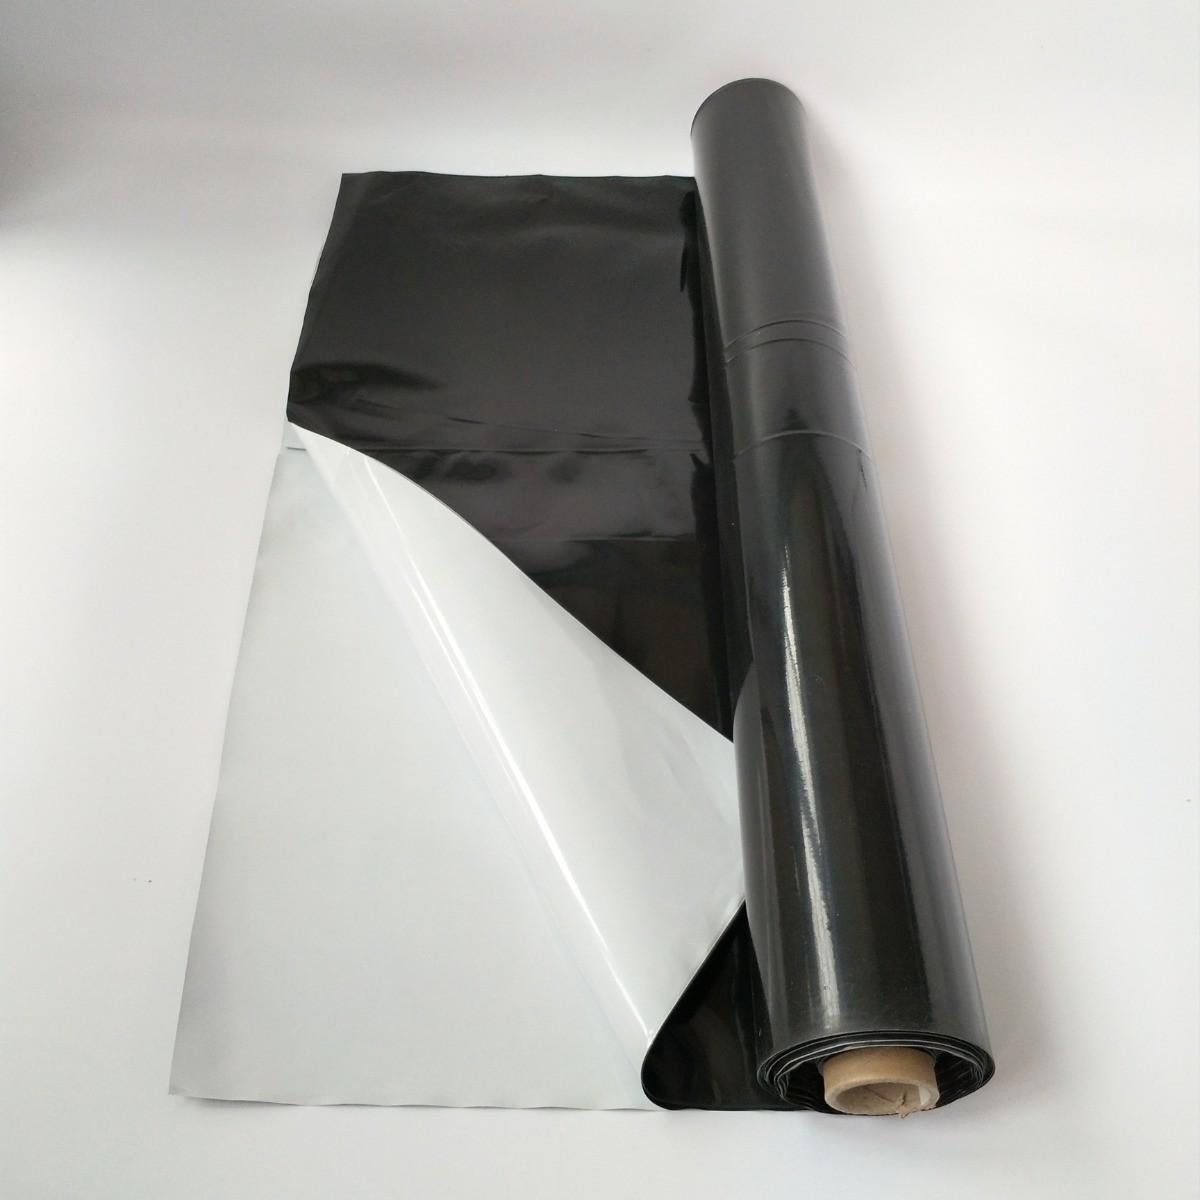 Lona Silagem Nortene Branca/Preta 72kg - 6x36m